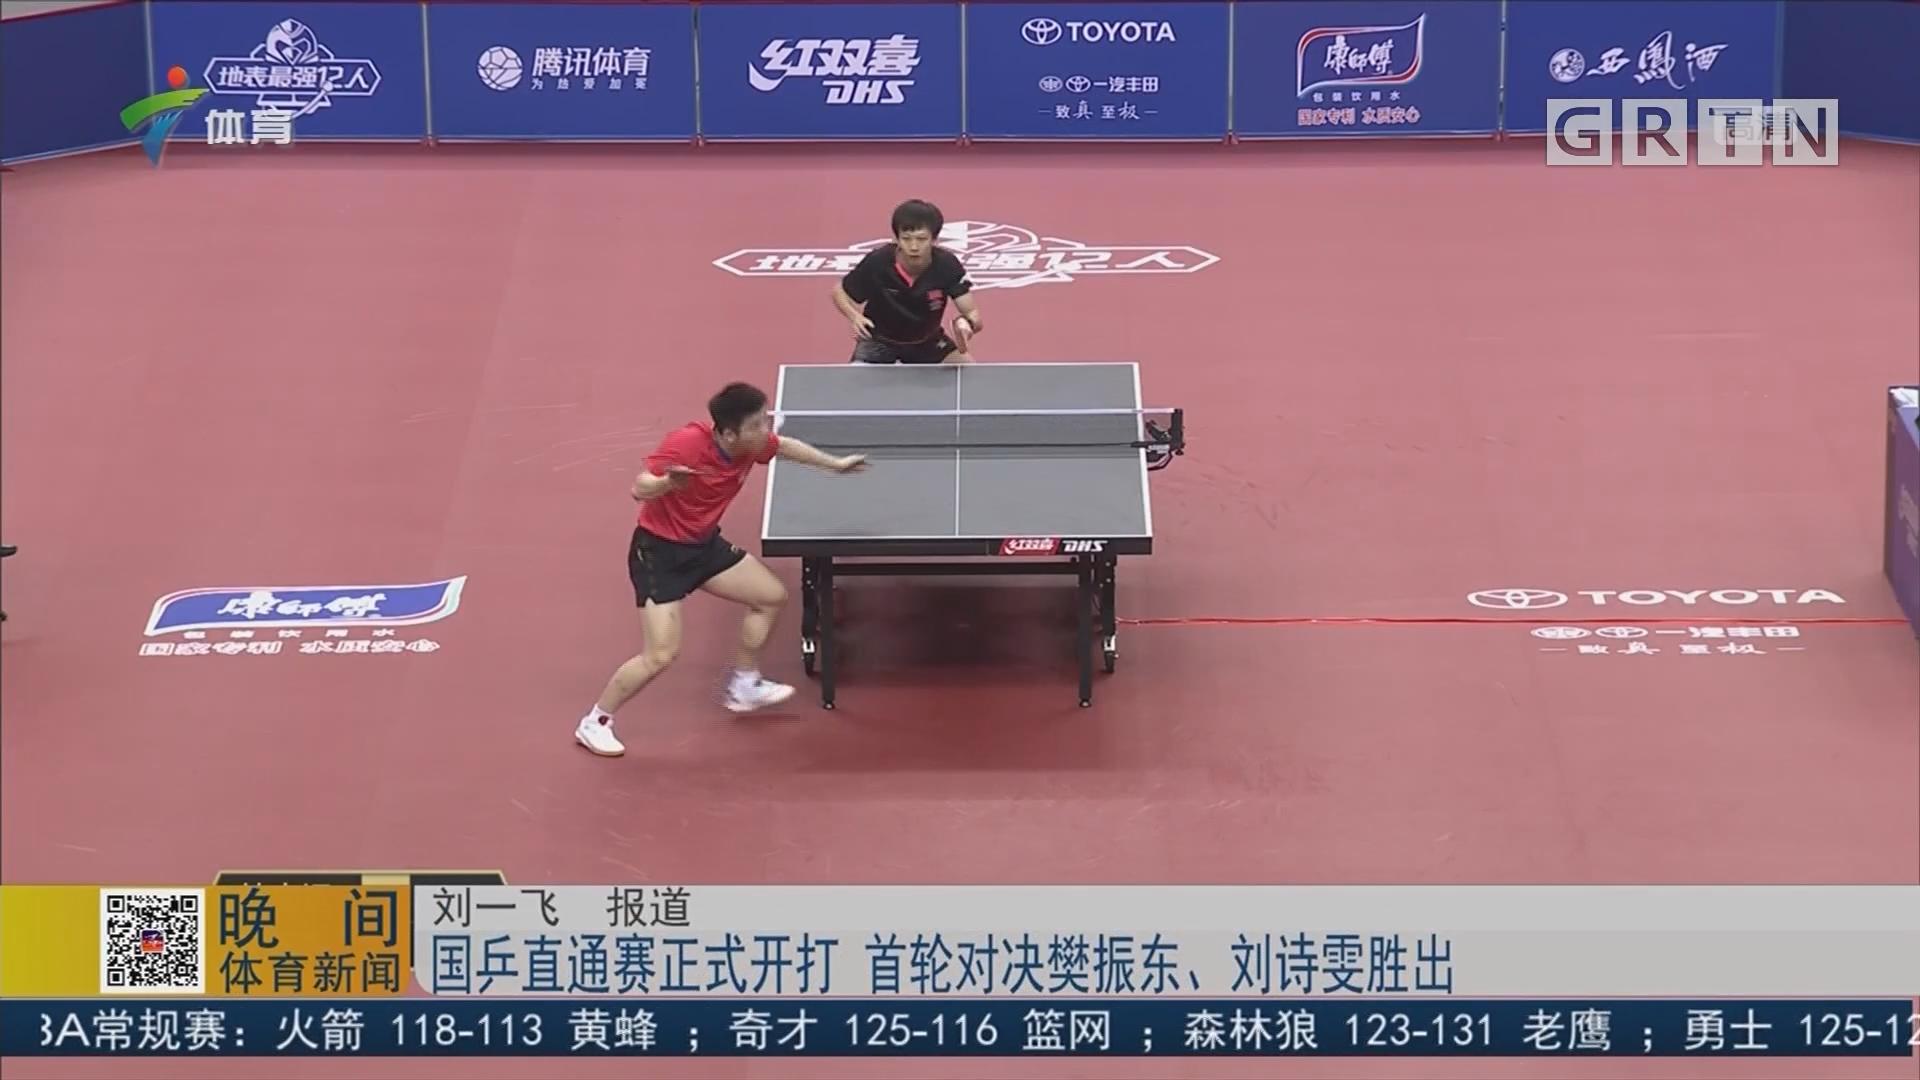 國乒直通賽正式開打 首輪對決樊振東、劉詩雯勝出